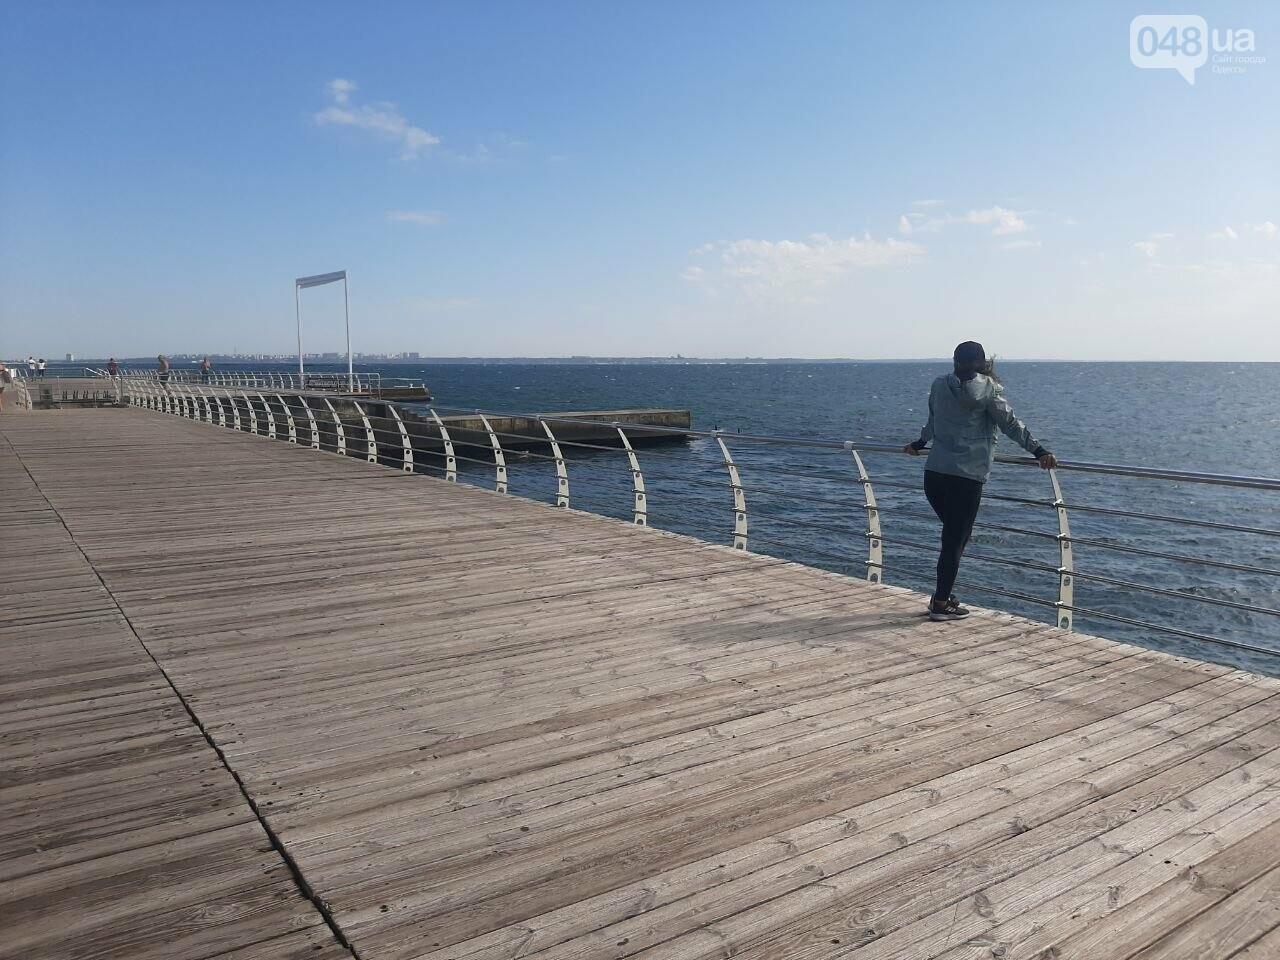 Как выглядит пляж Ланжерон в Одессе после ливня, - ФОТО, ВИДЕО, фото-10